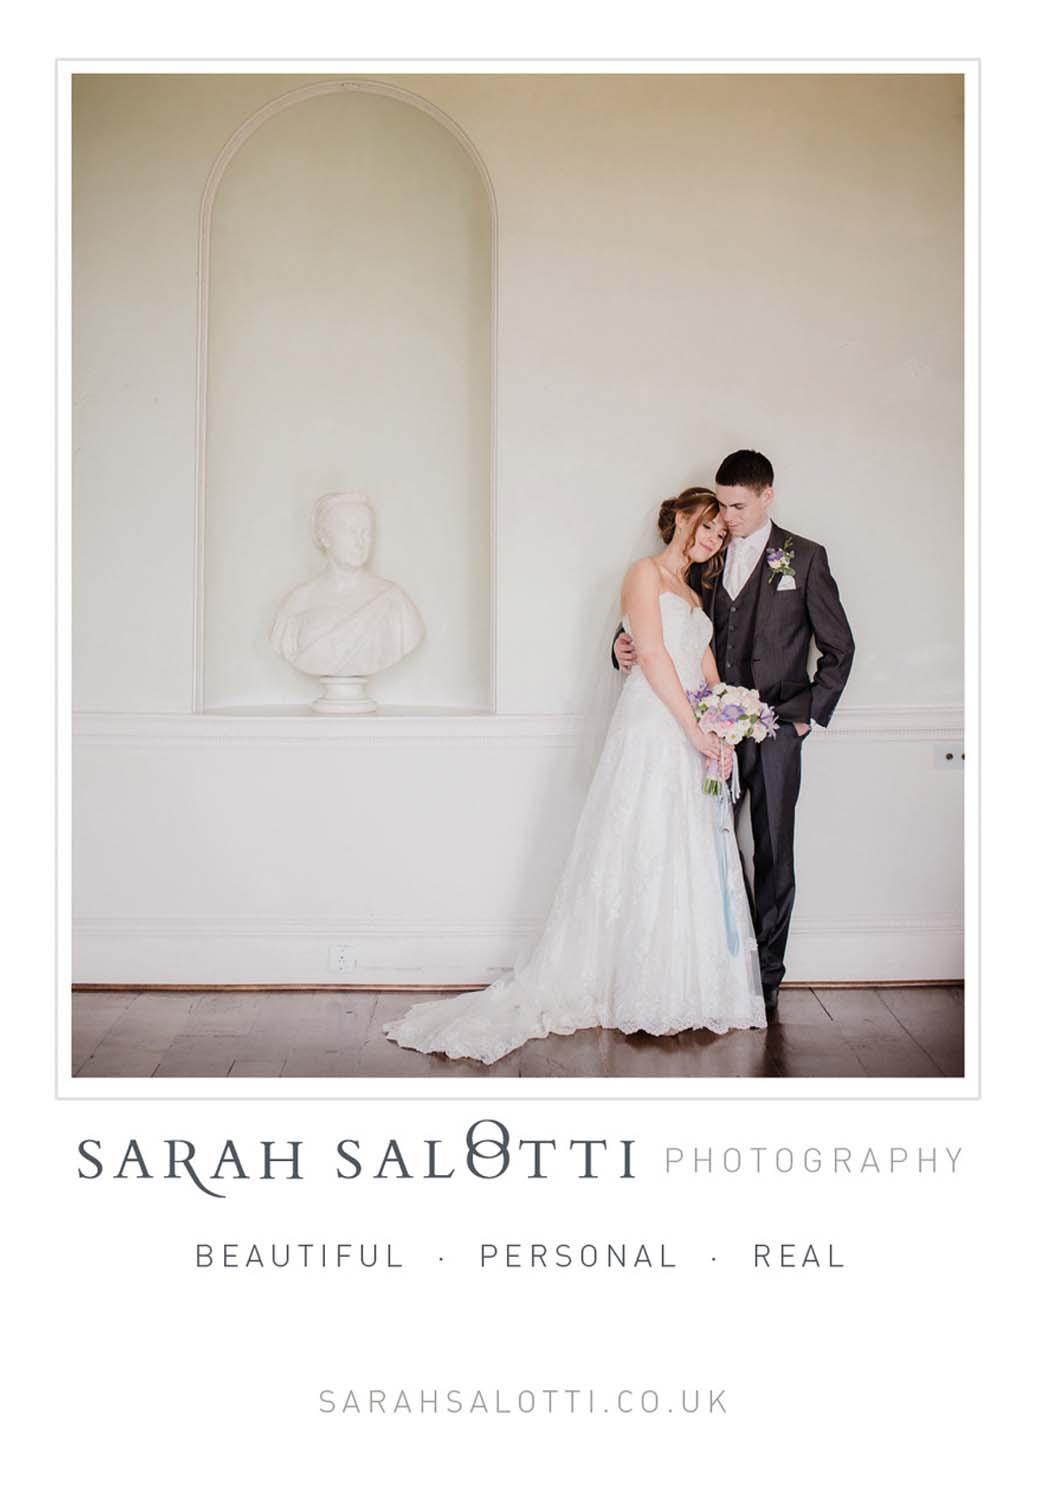 Sarah Salotti Photography